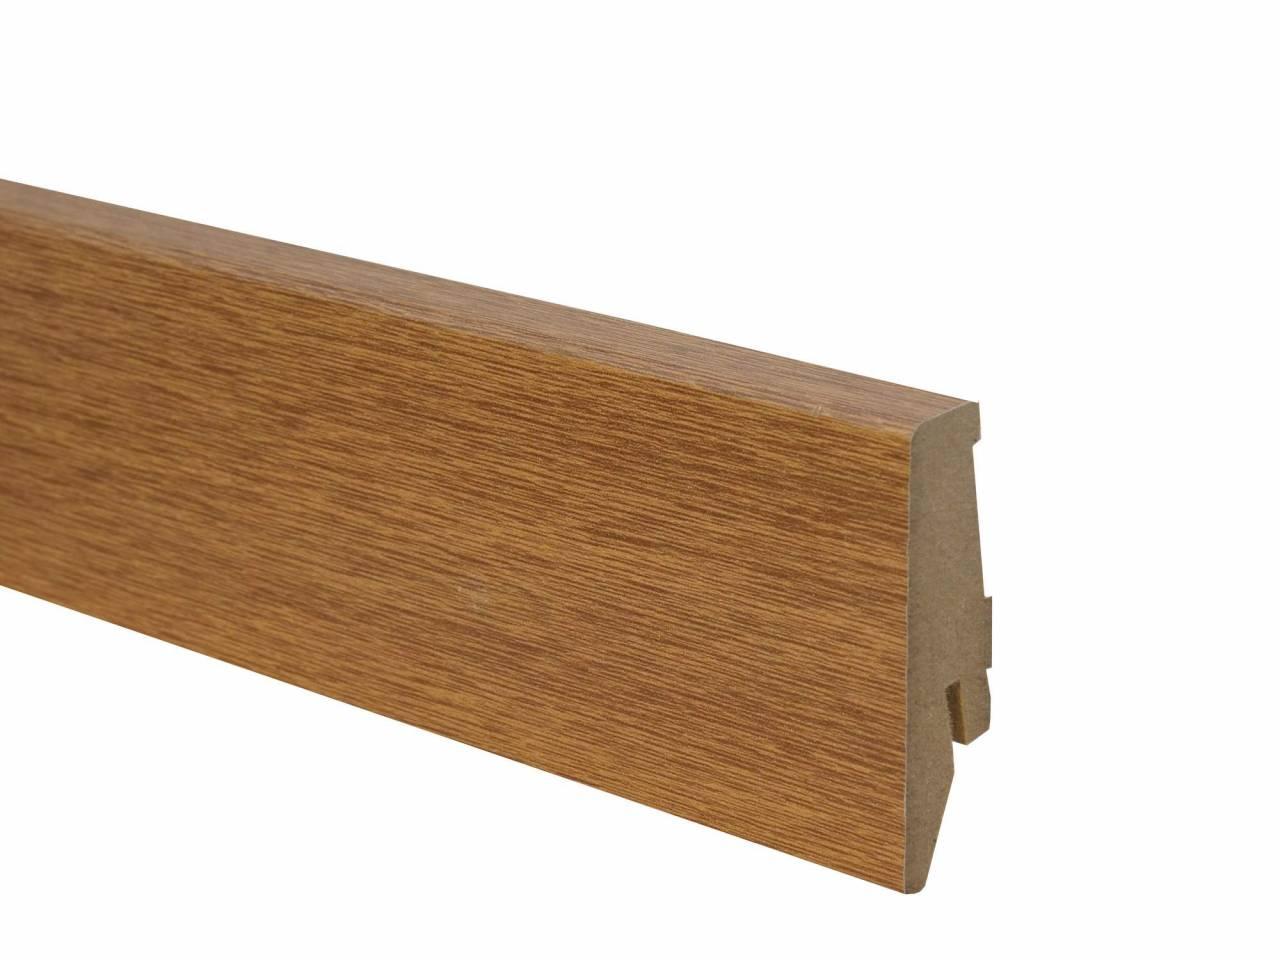 Подов перваз височина 58 мм. Подходящ за съчетание с 5946 Rockford Oak, 5954 Hardy Oak, K418 Longbow Oak.